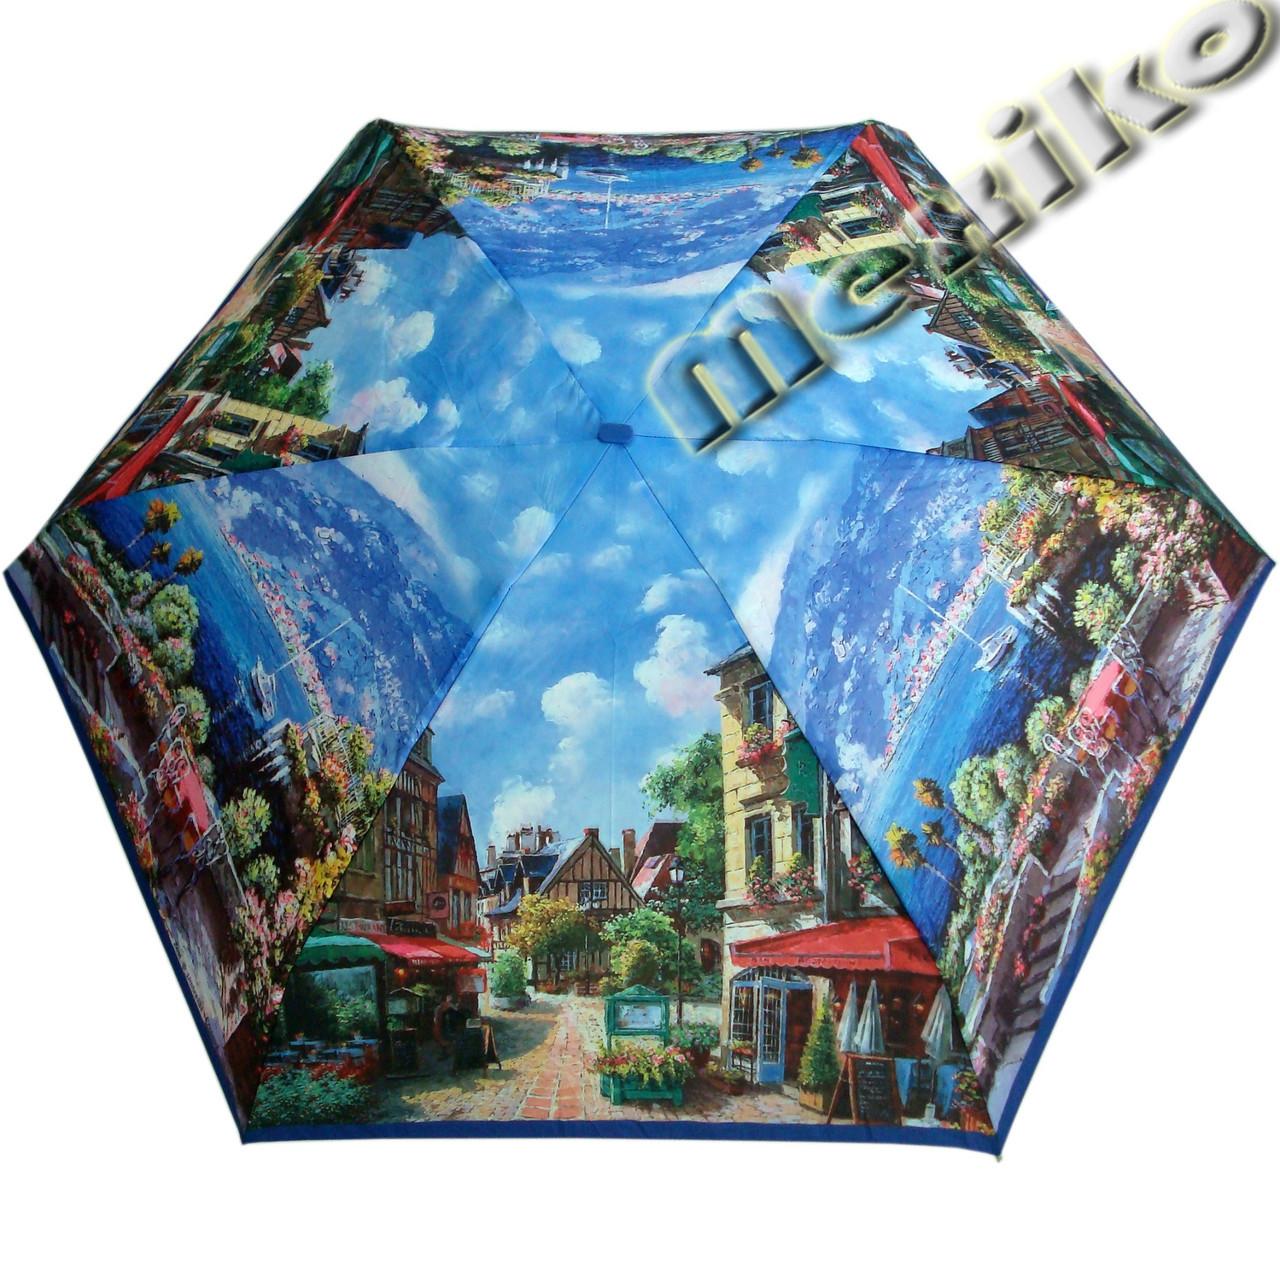 Зонт ZEST женский механика 5 сложений, цветной плоский. Расцветка Морской